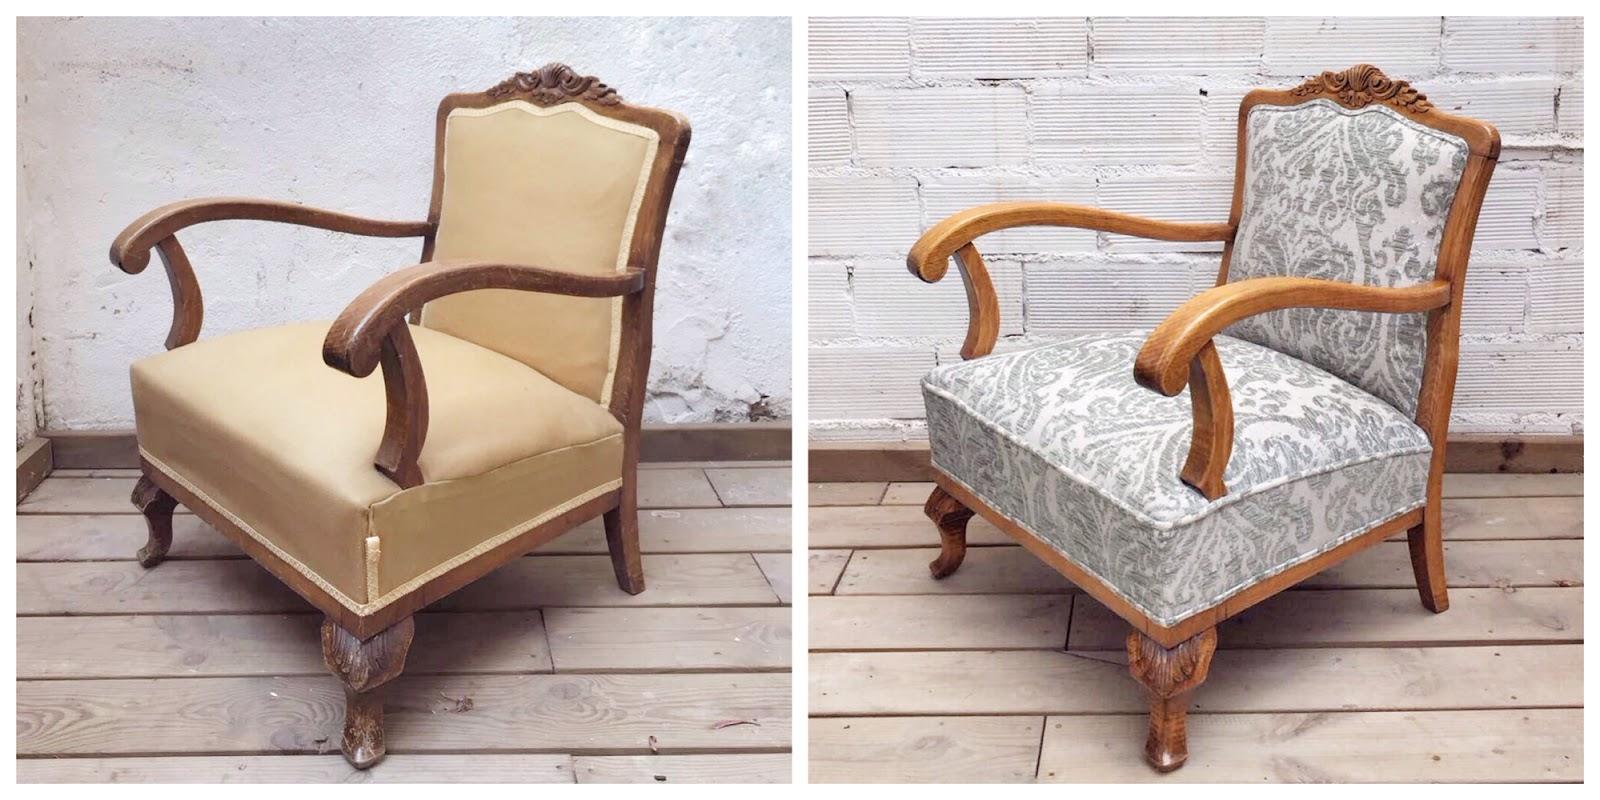 Antes y después - Butaca clásica de madera - Studio Alis